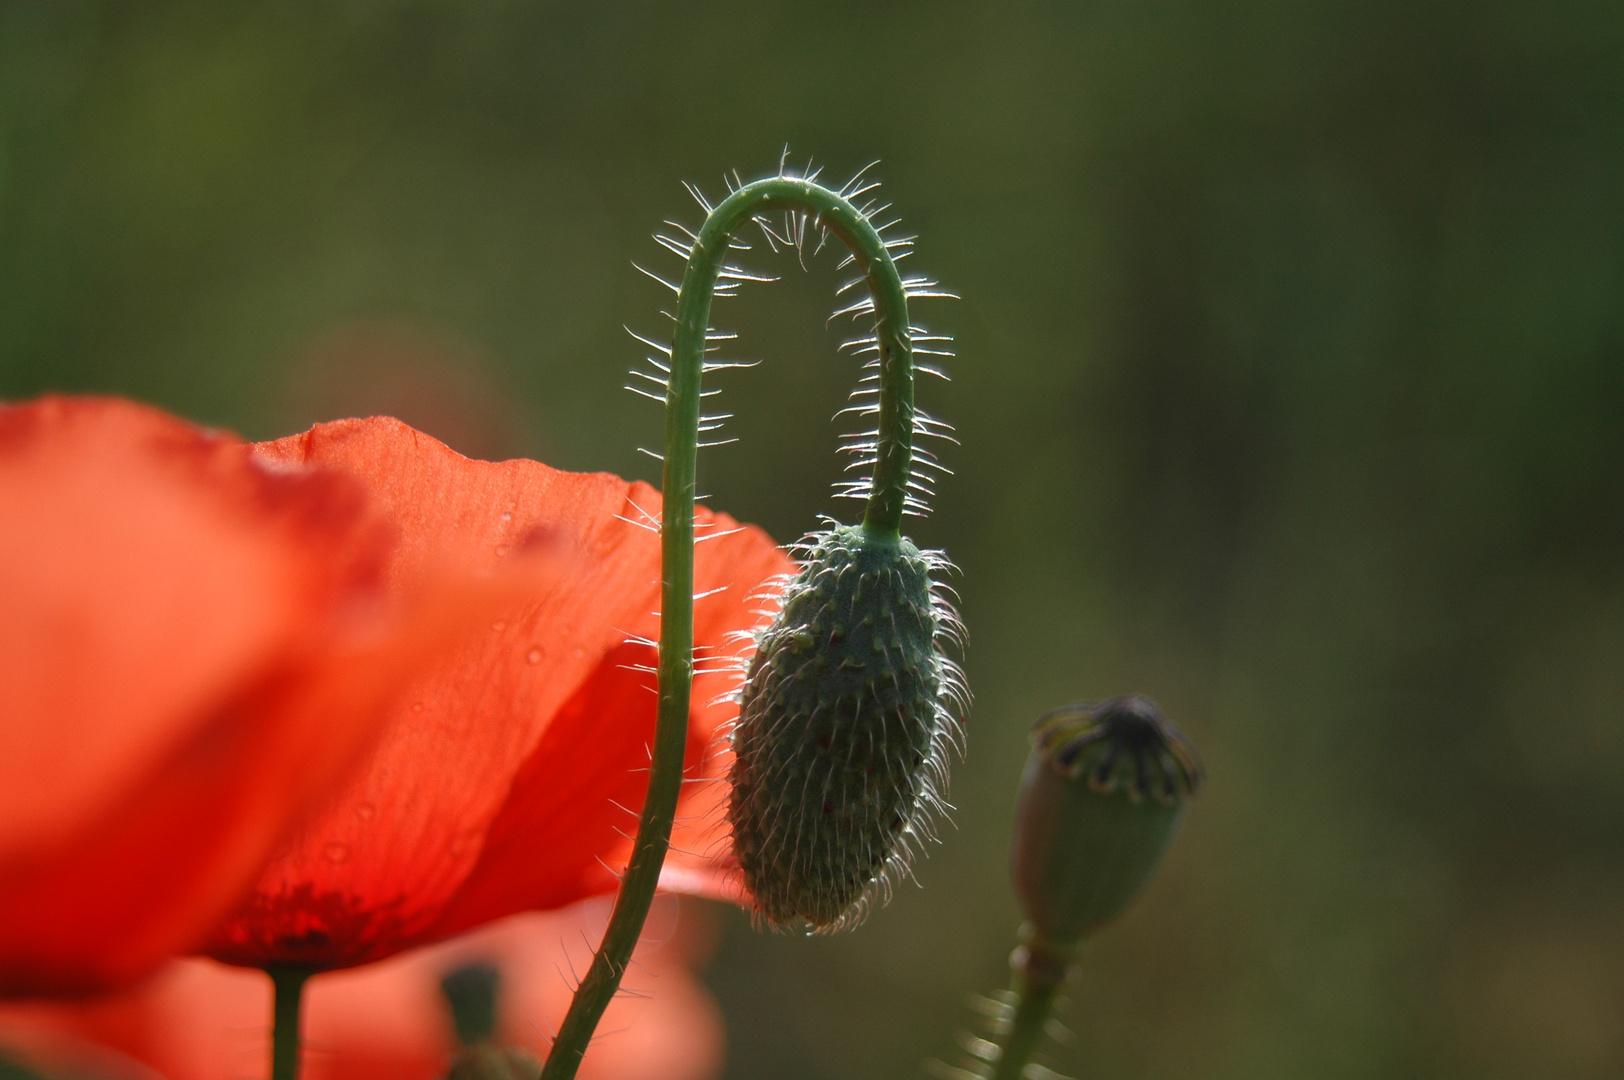 contre jour floral